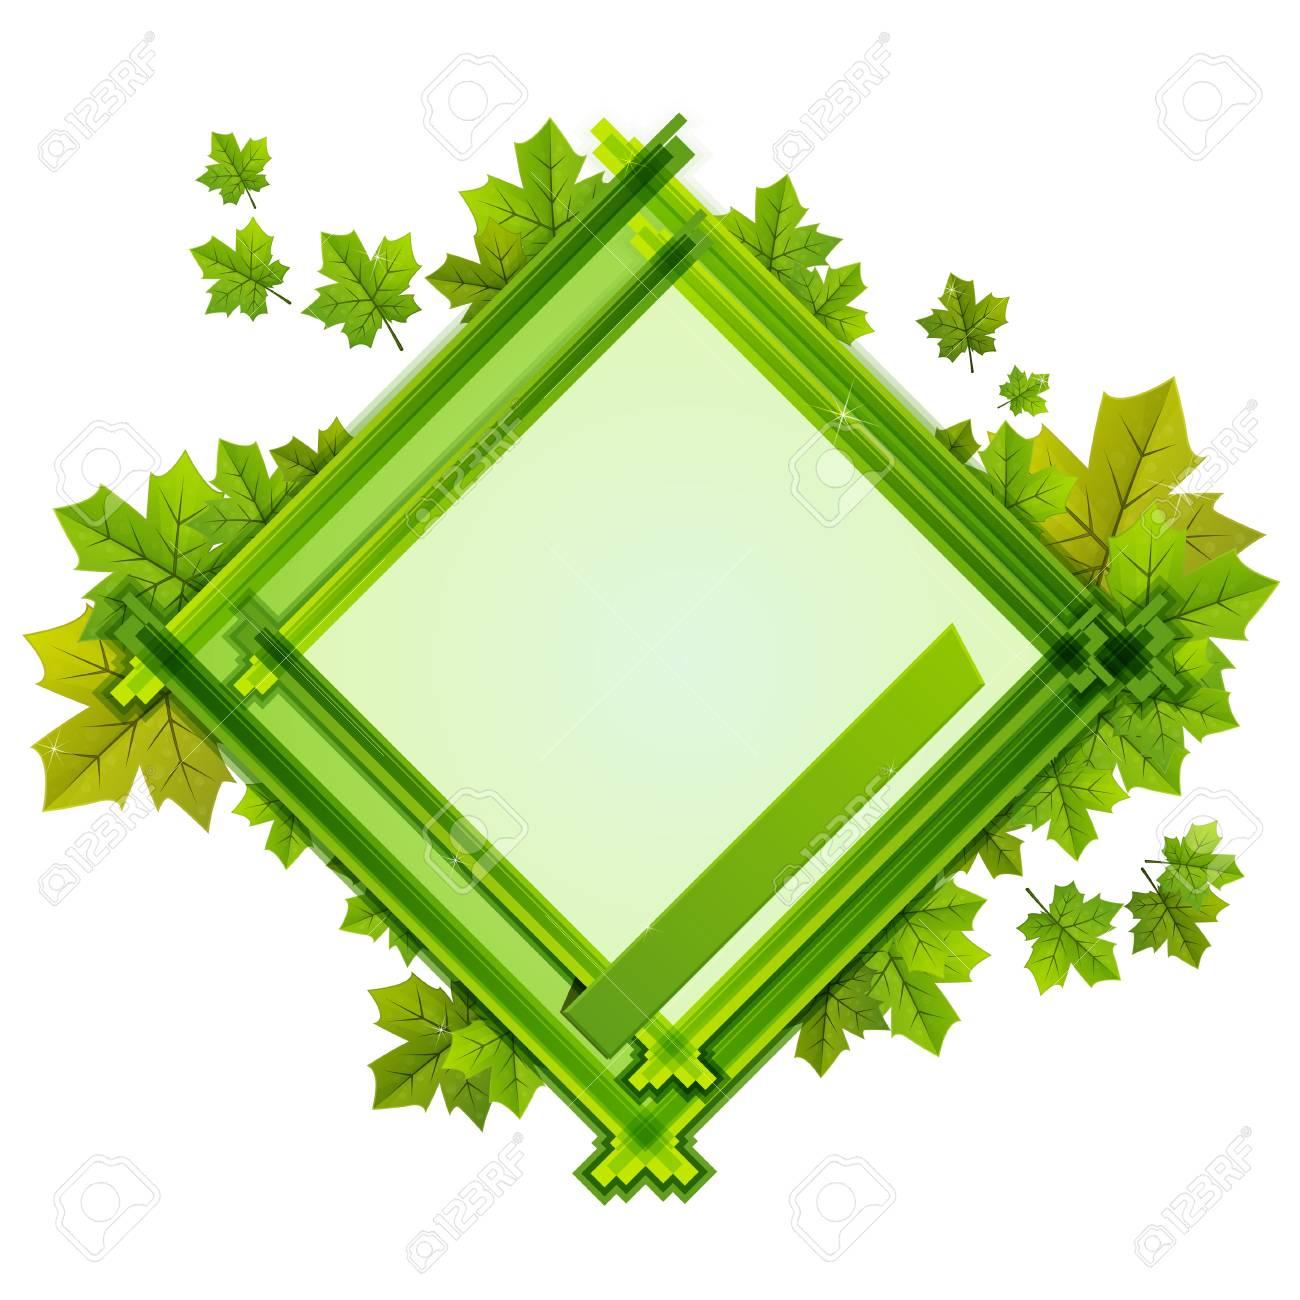 Inquadrare Con La Composizione Delle Foglie Di Varie Dimensioni In Tonalità Di Sfondo Verde E Bianco